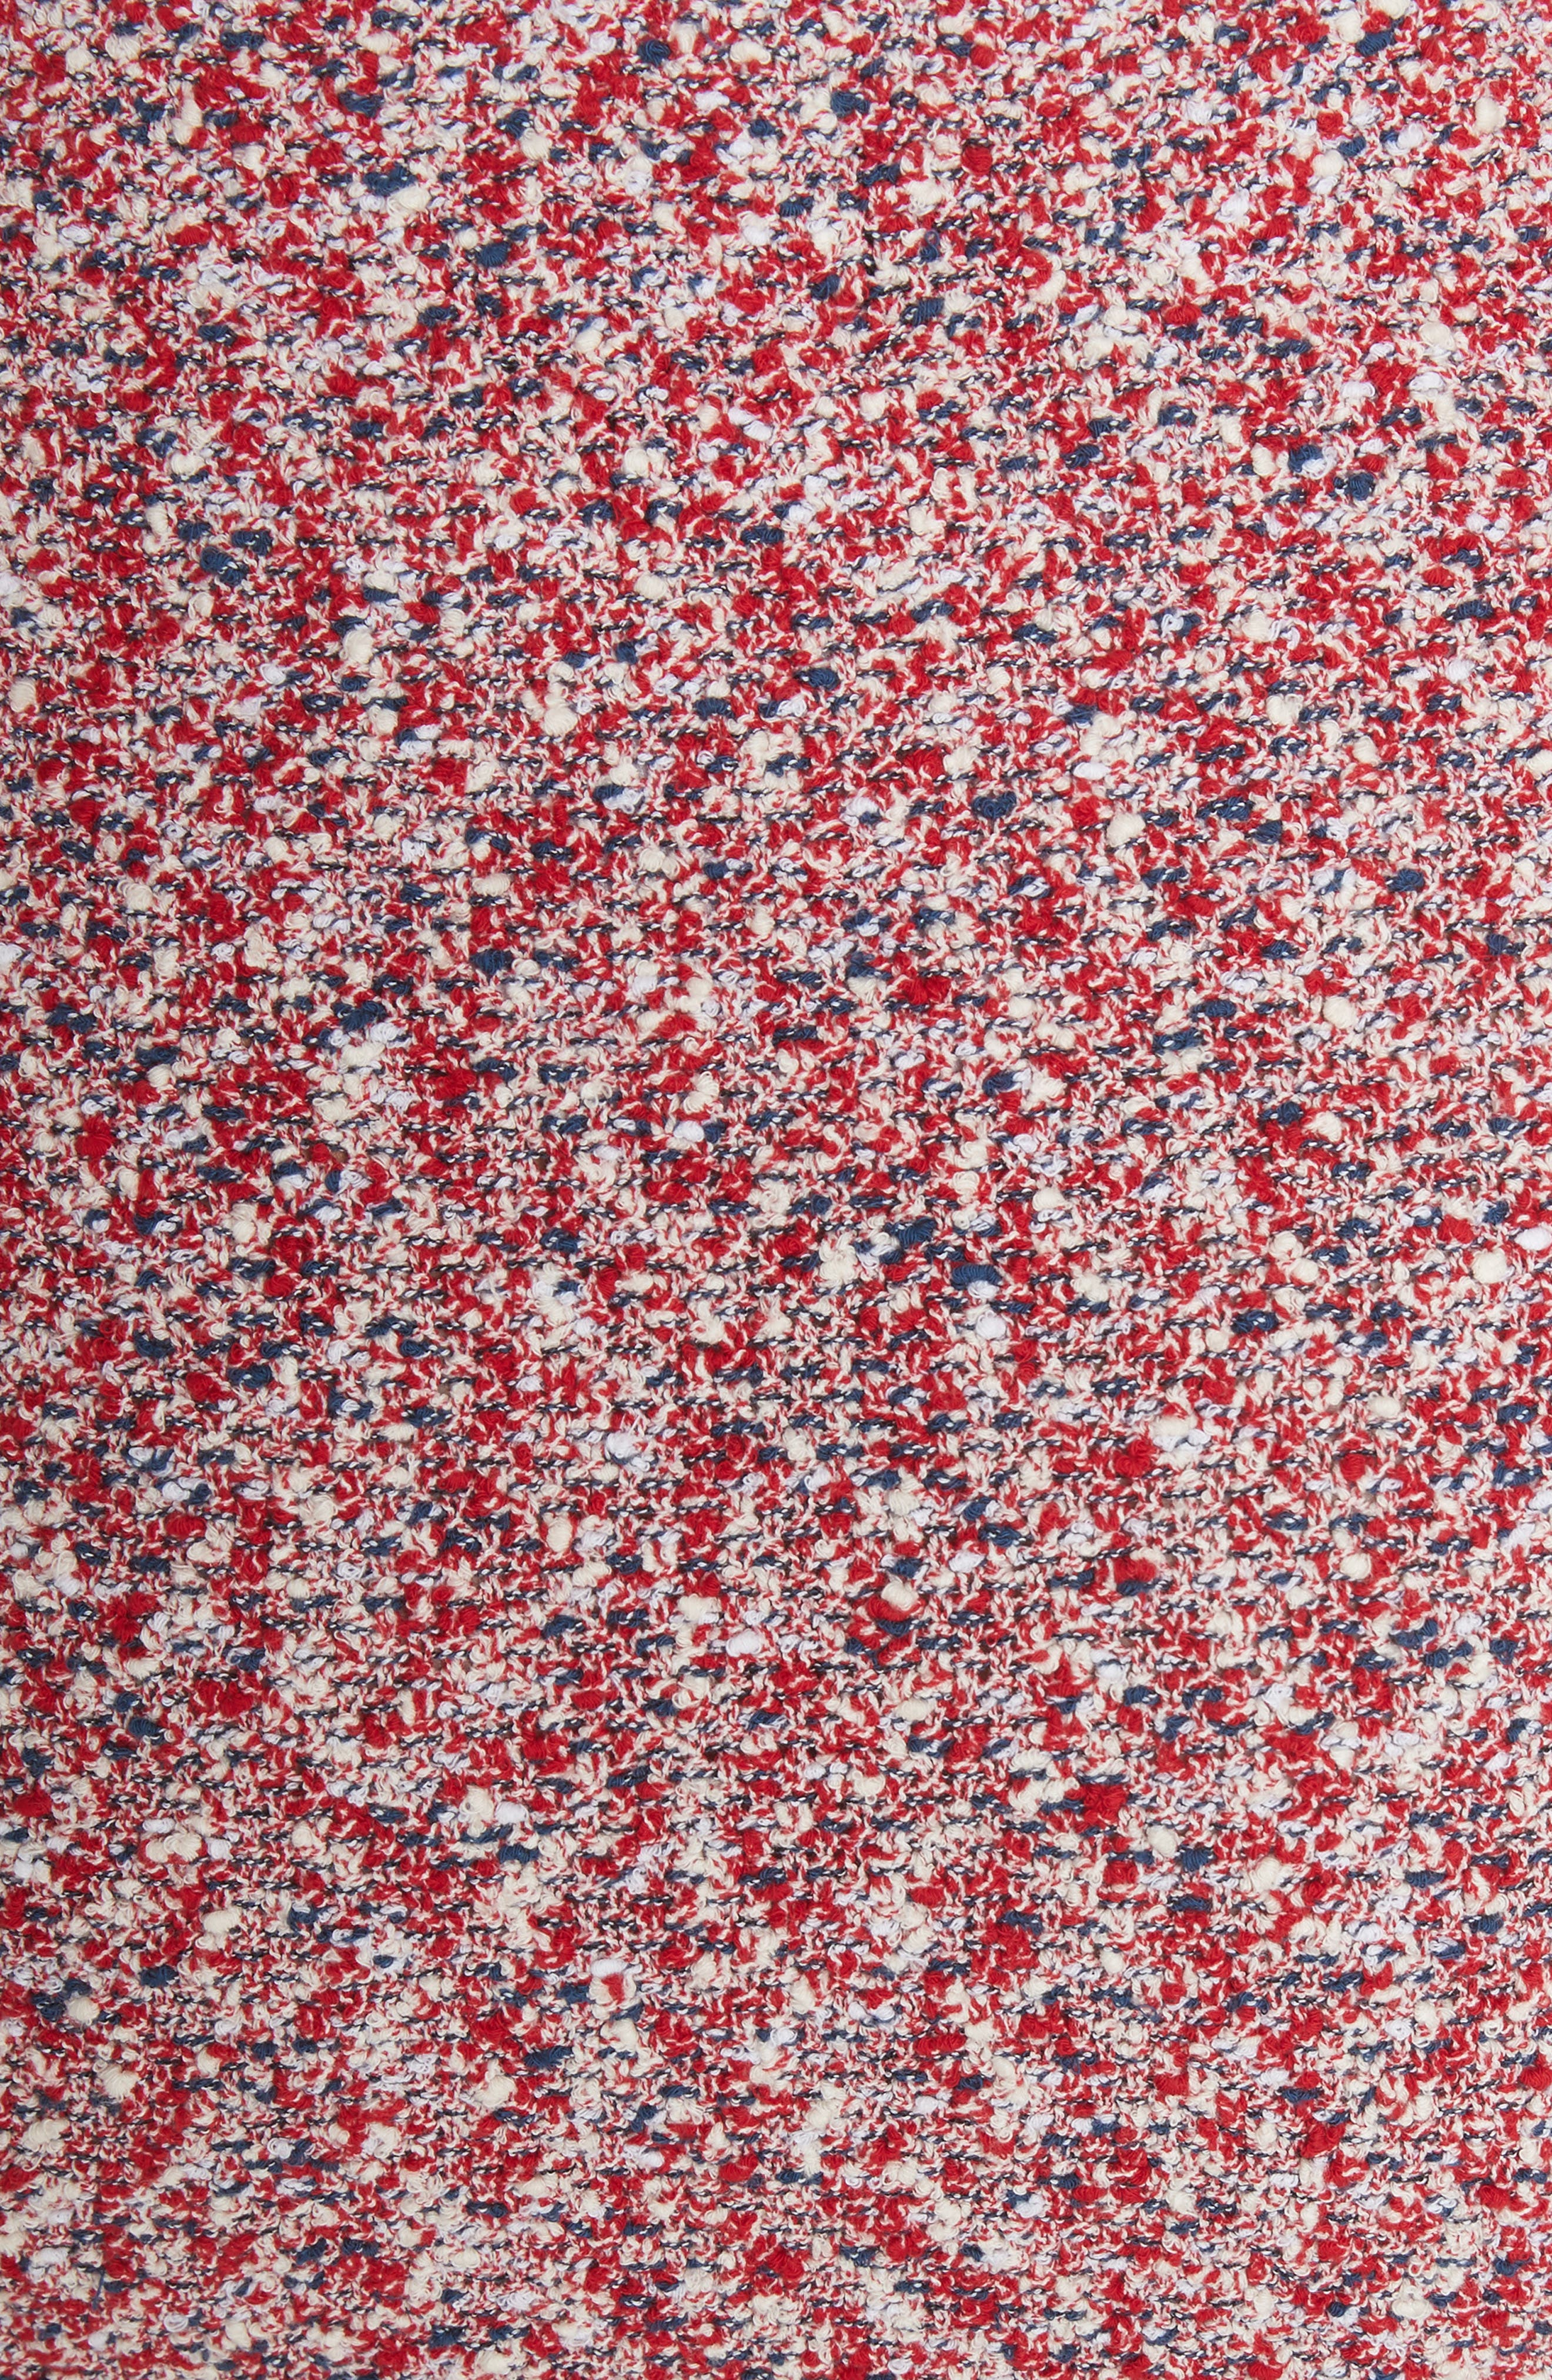 Halstead Tweed Skirt,                             Alternate thumbnail 5, color,                             600